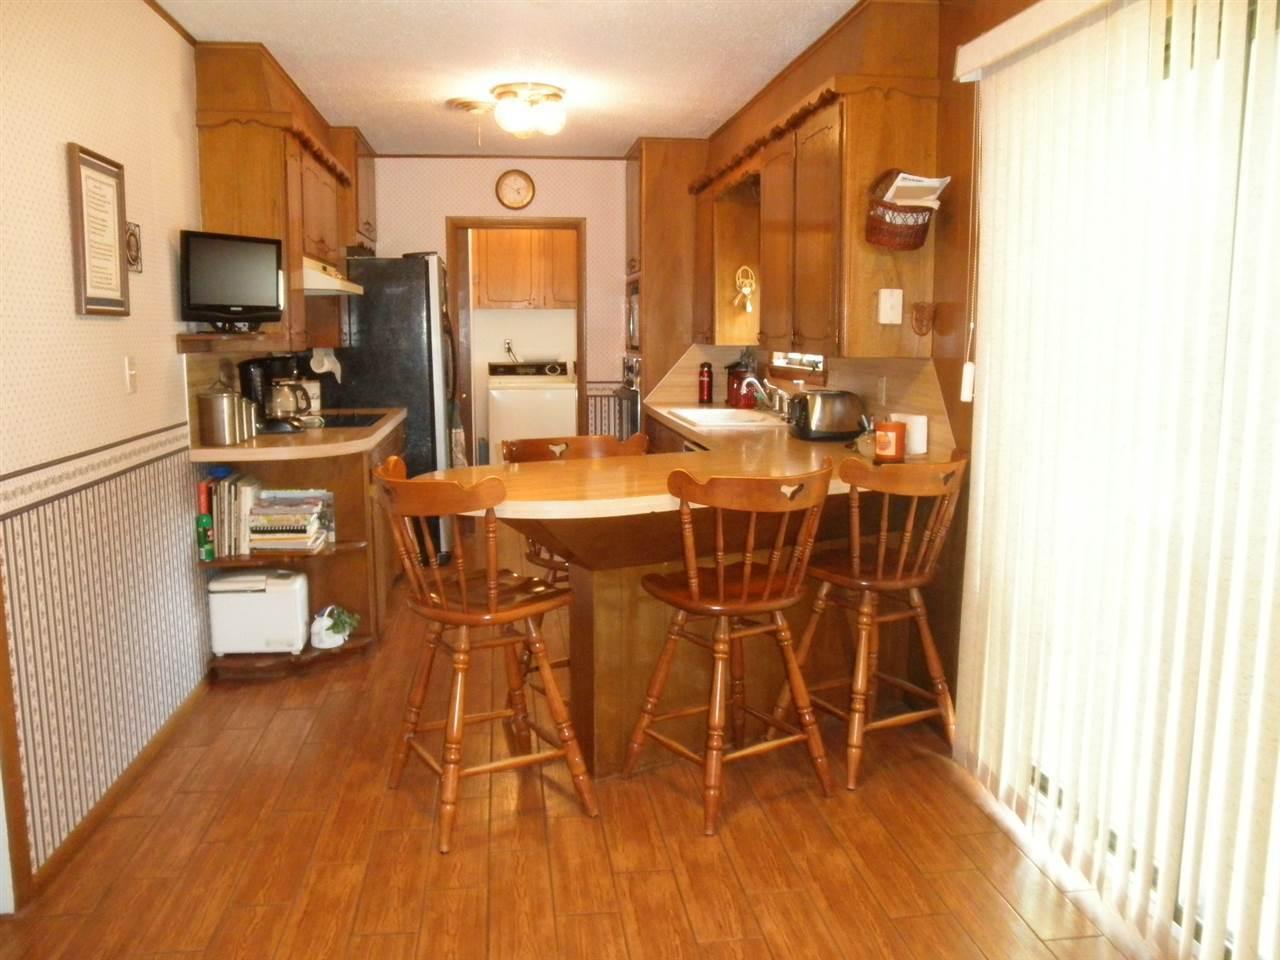 Sold Cross Sale W/ MLS | 1209 El Camino Ponca City, OK 74604 6